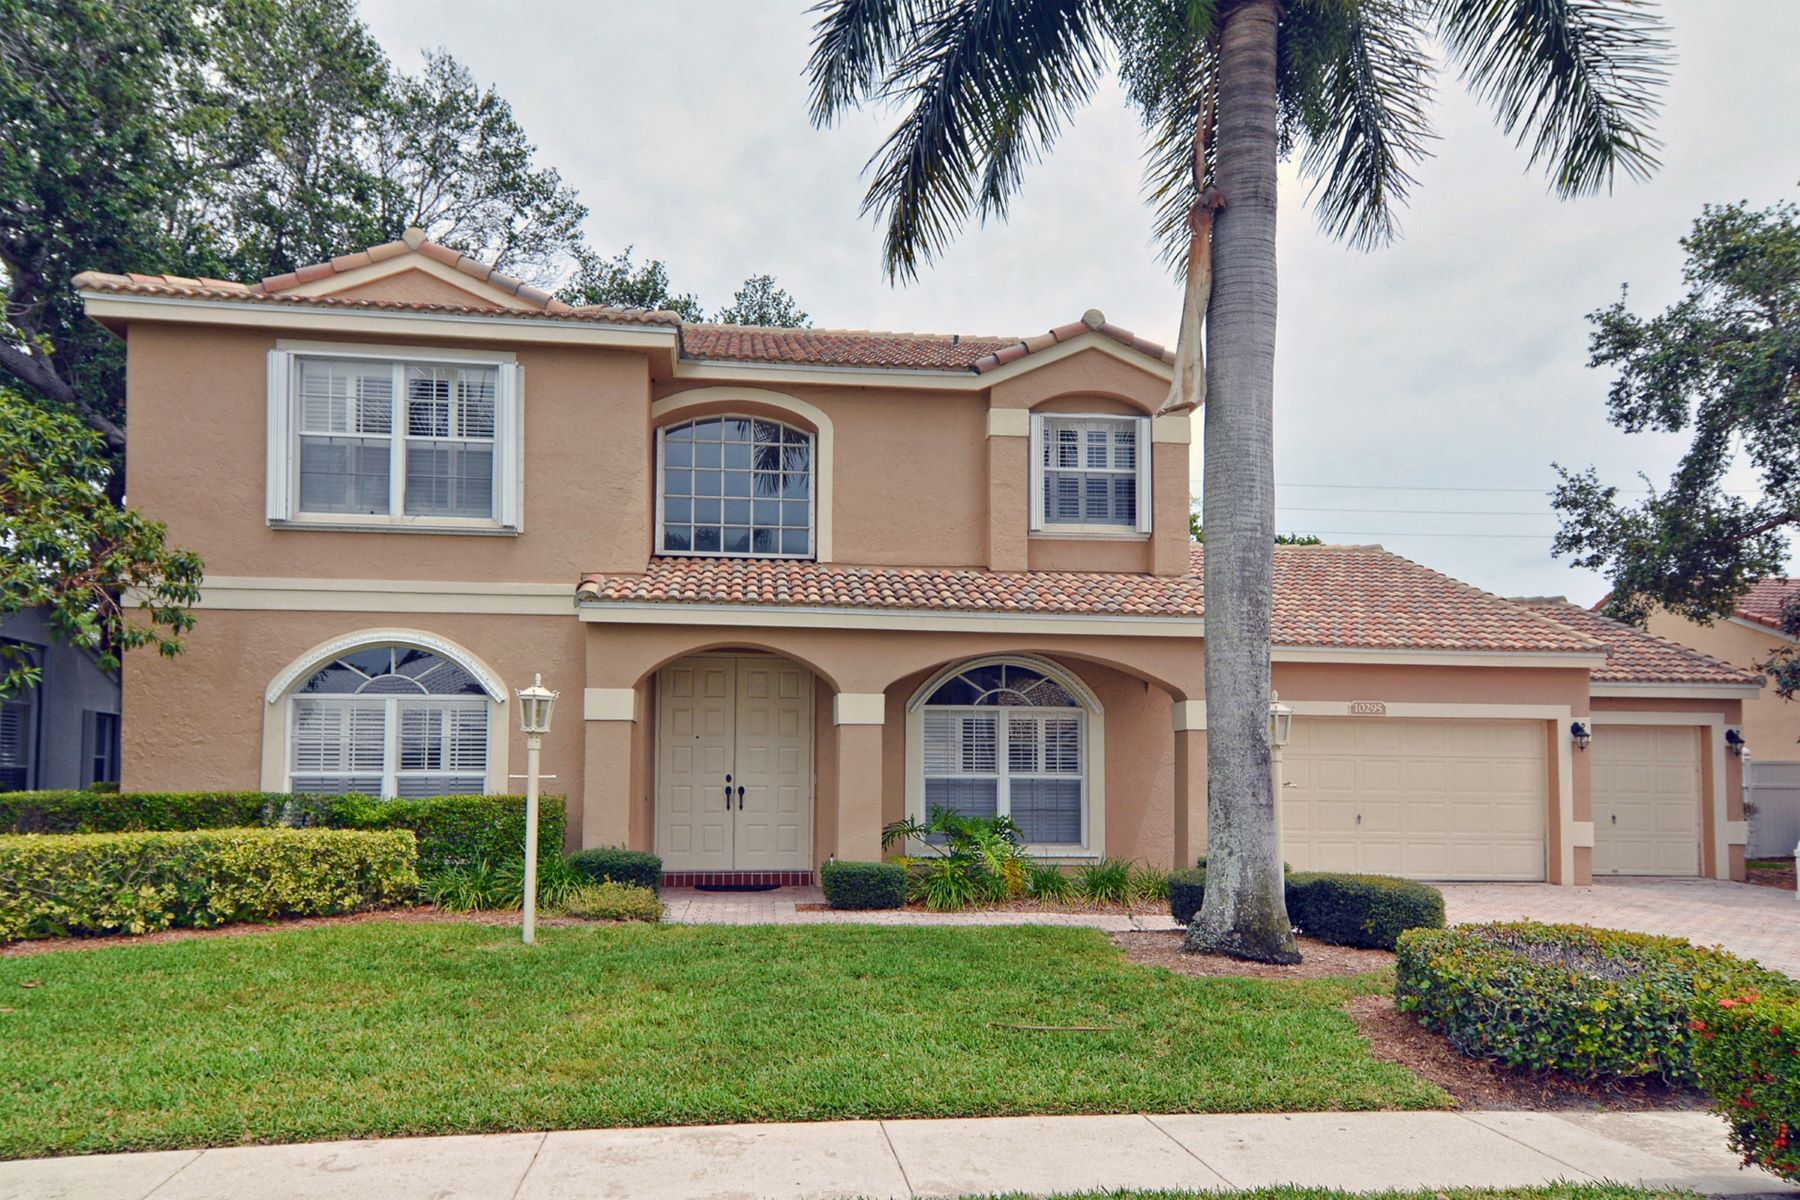 Casa para uma família para Venda às 10295 Allamanda Boulevard Siena Oaks, Palm Beach Gardens, Florida, 33410 Estados Unidos